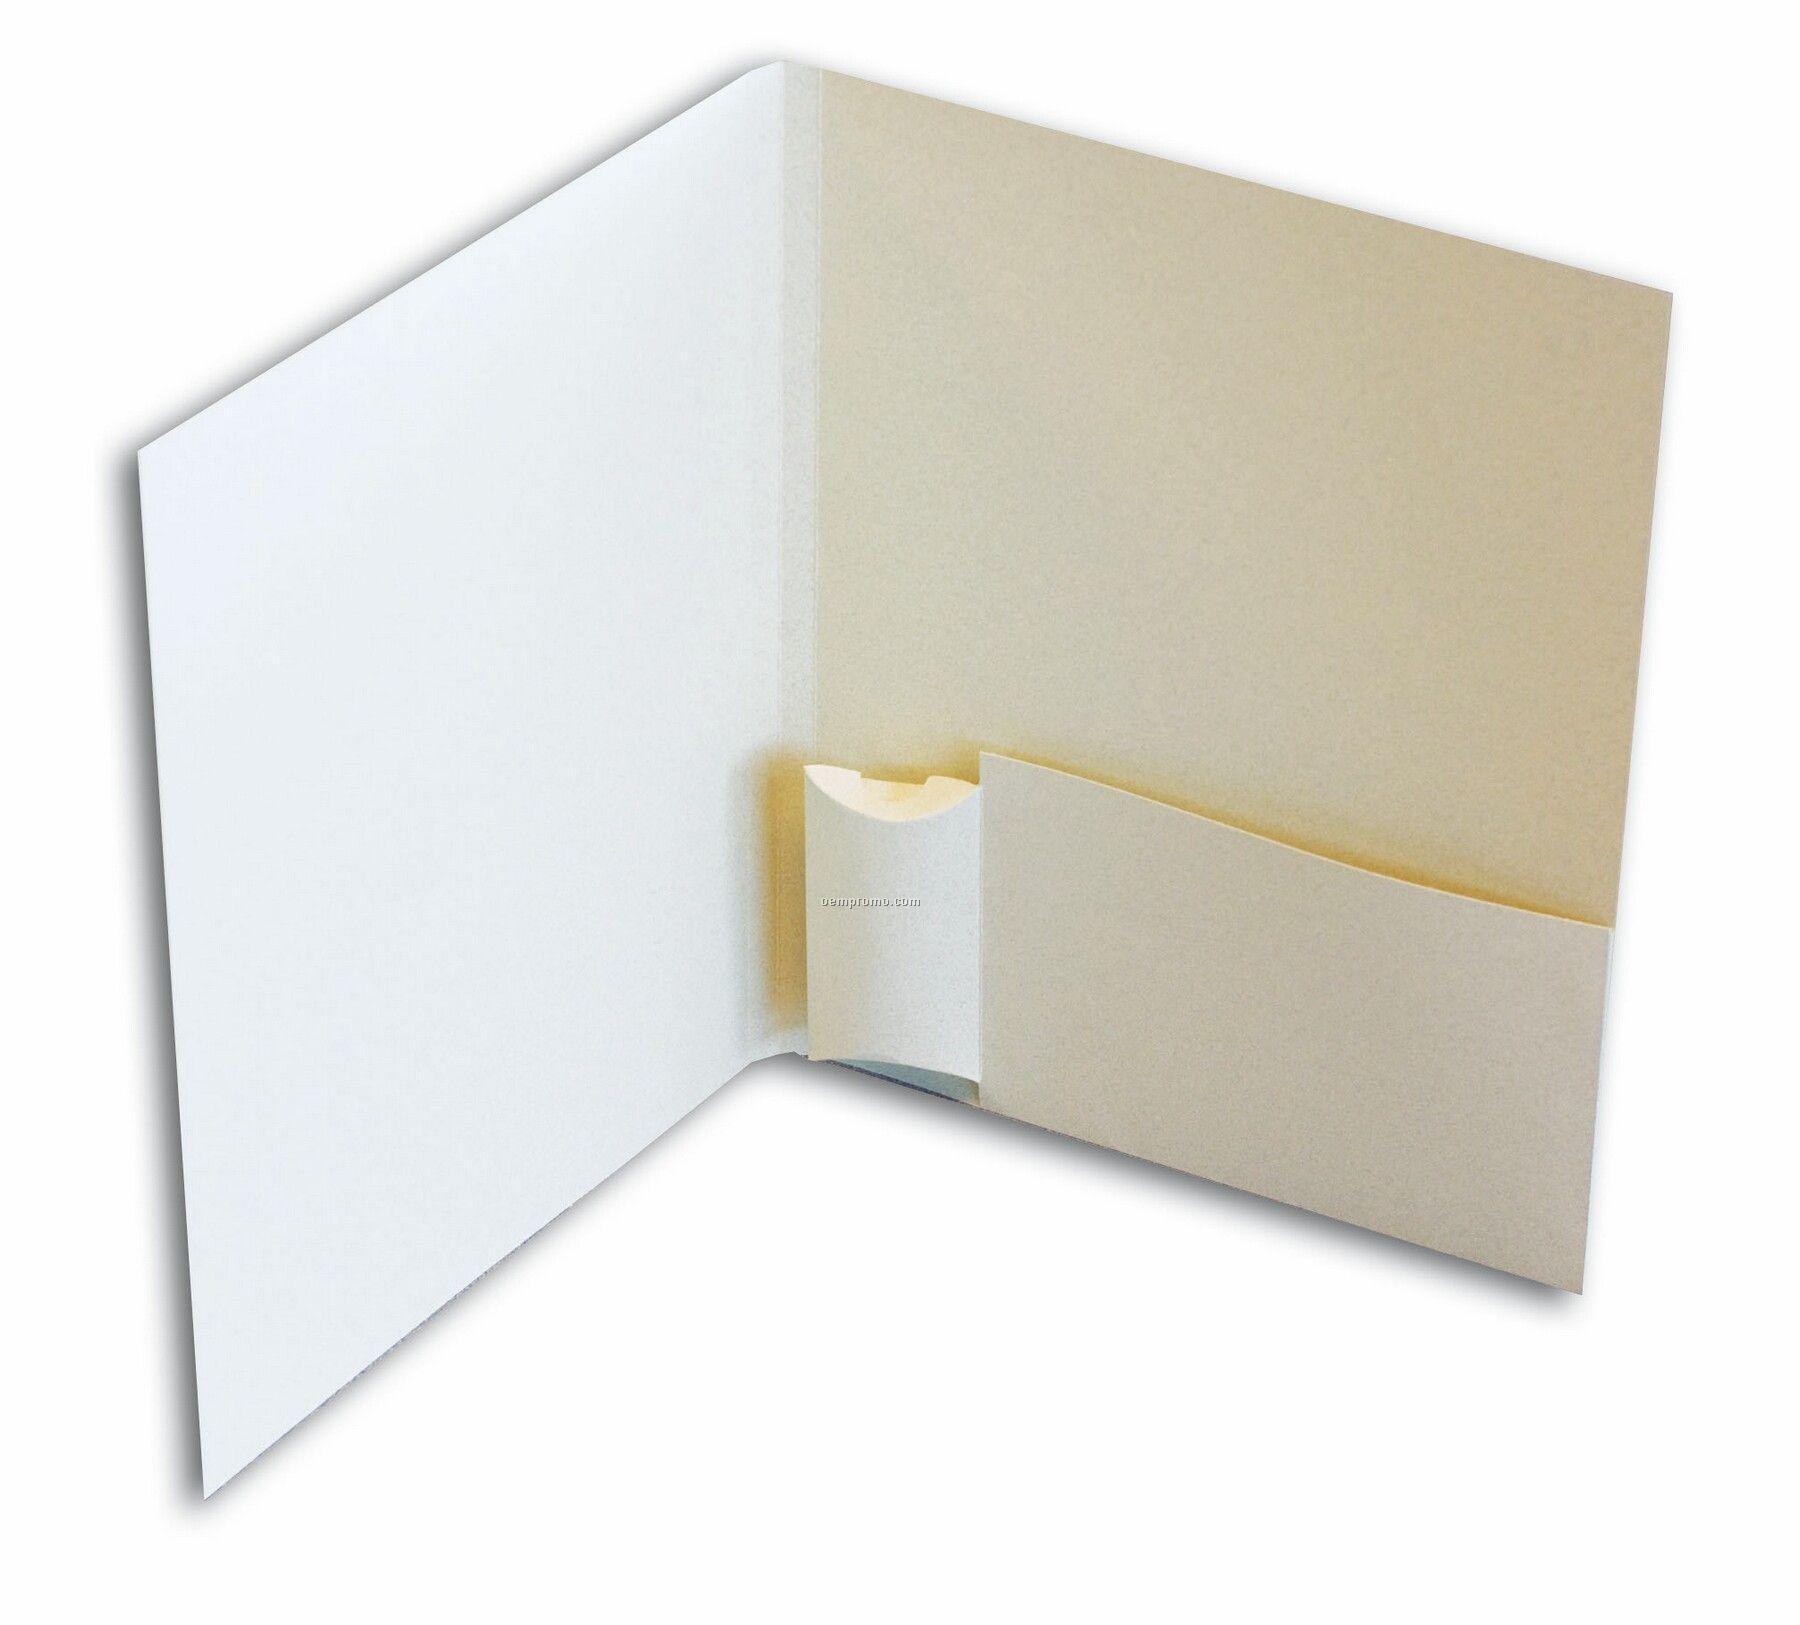 Flash Drive Folder (Printed 1 Color/1 Side)